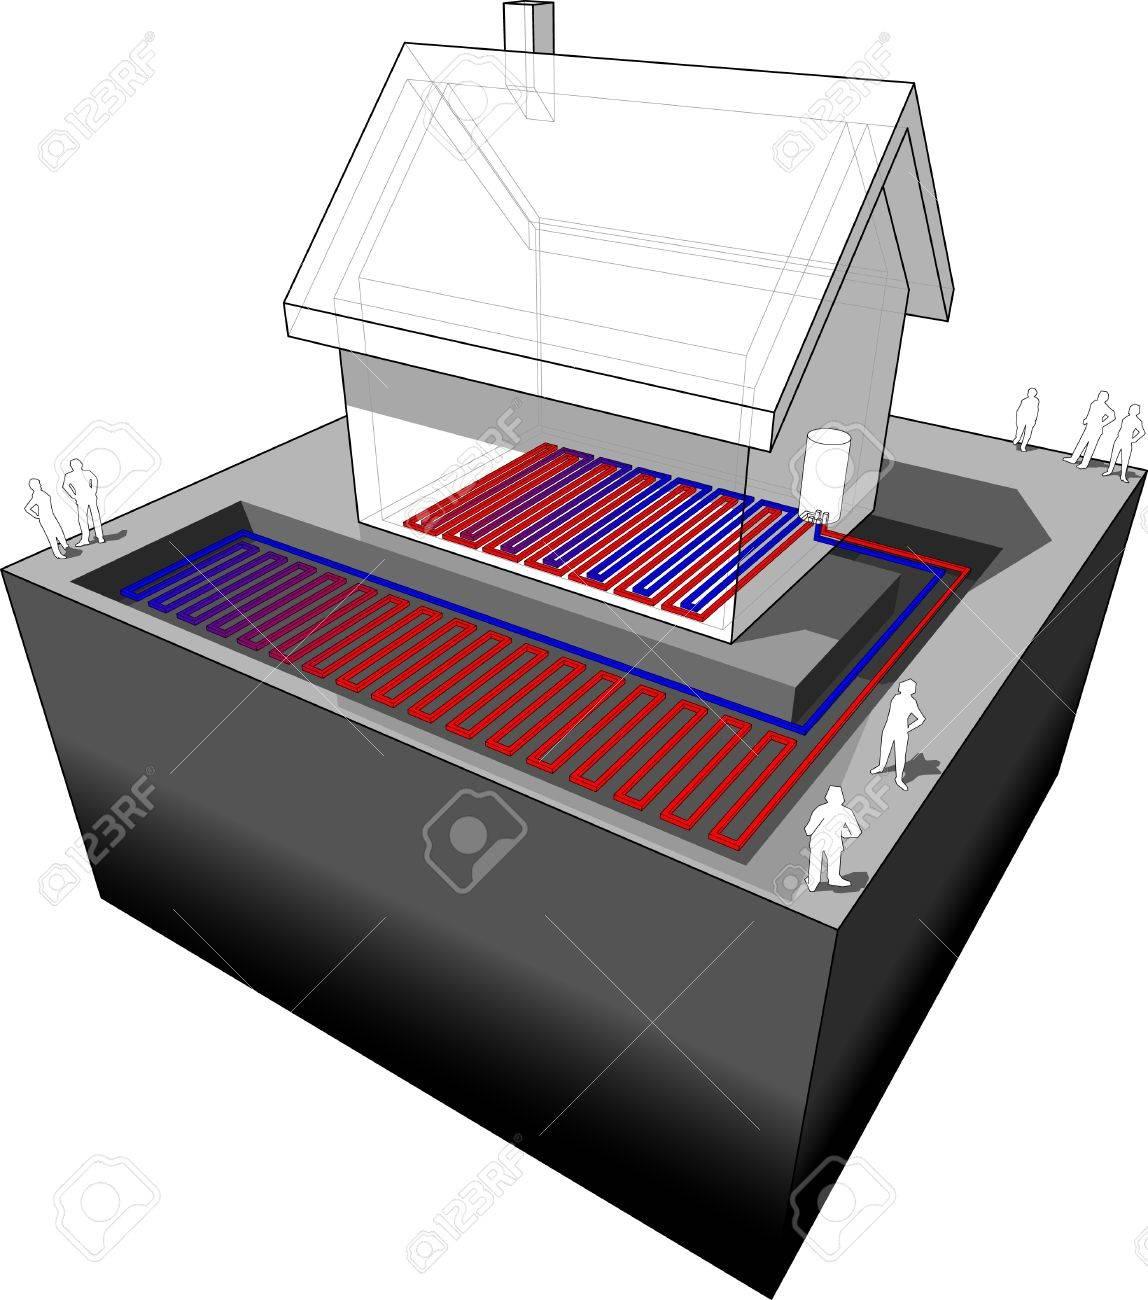 heat pump/underfloor heating diagram Stock Vector - 10916766